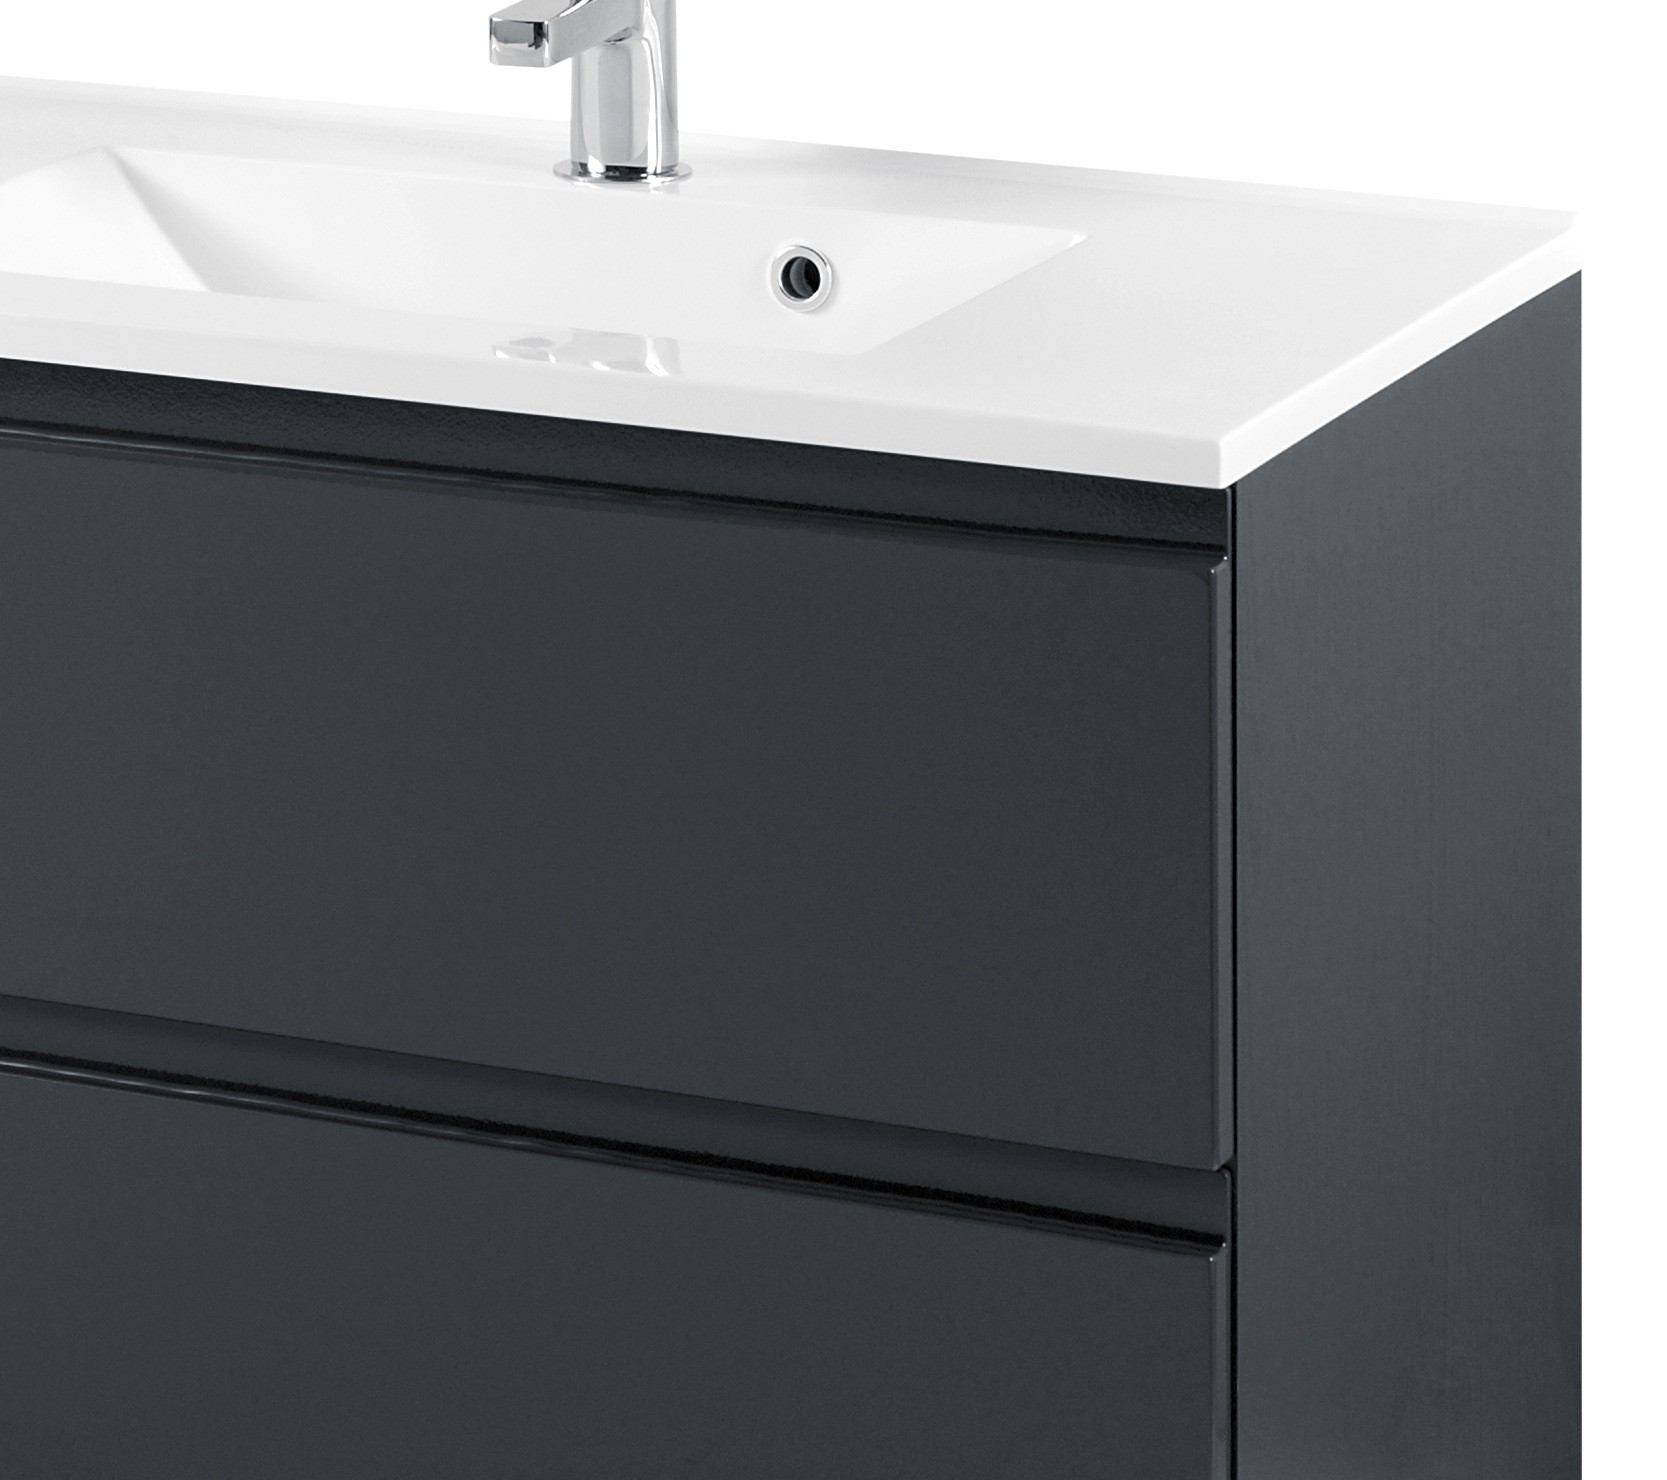 neu badezimmer waschtisch mit becken cardiff waschplatz 80 cm grau ebay